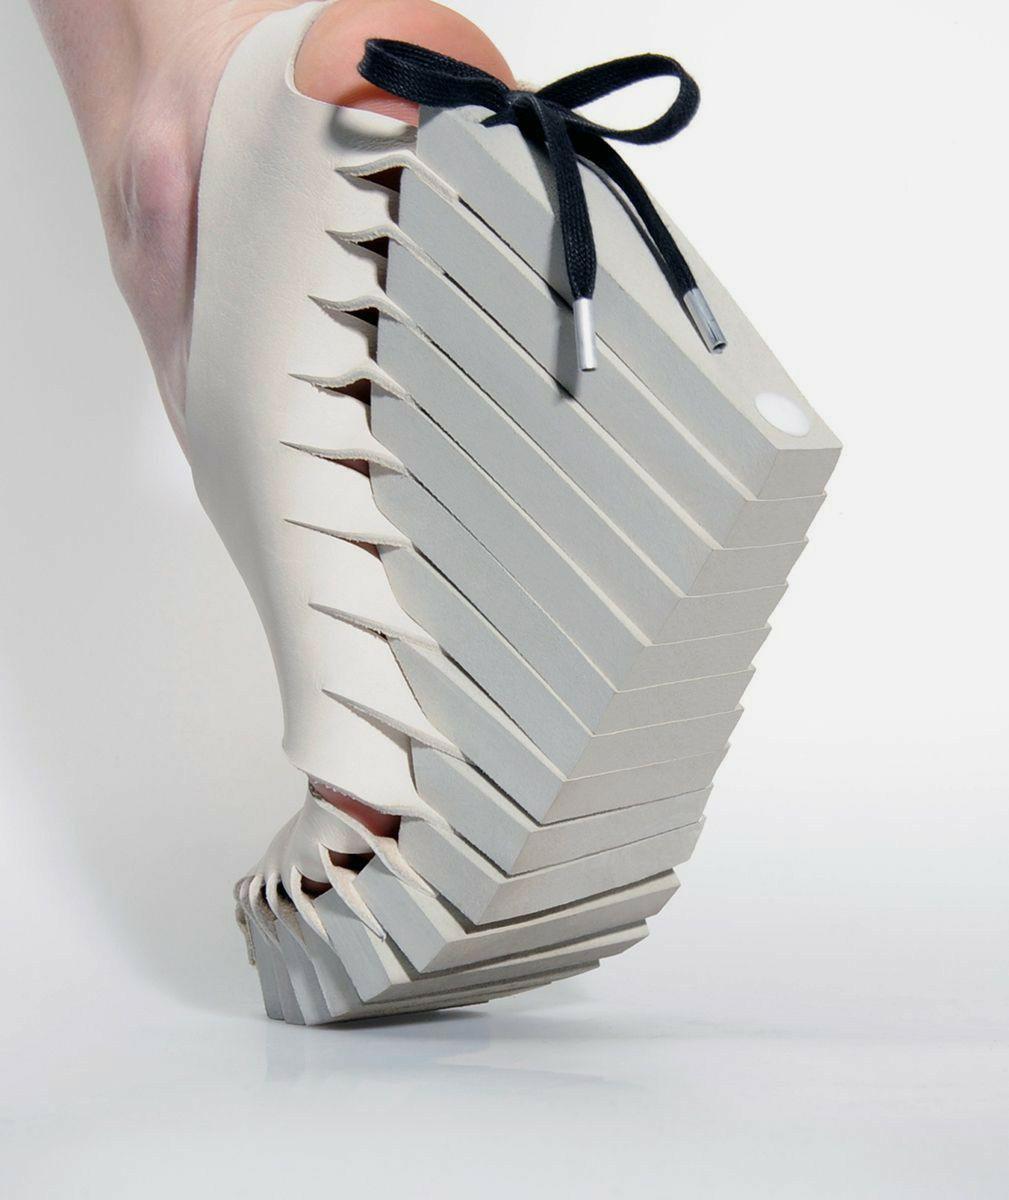 Barbara Langendijk shoe